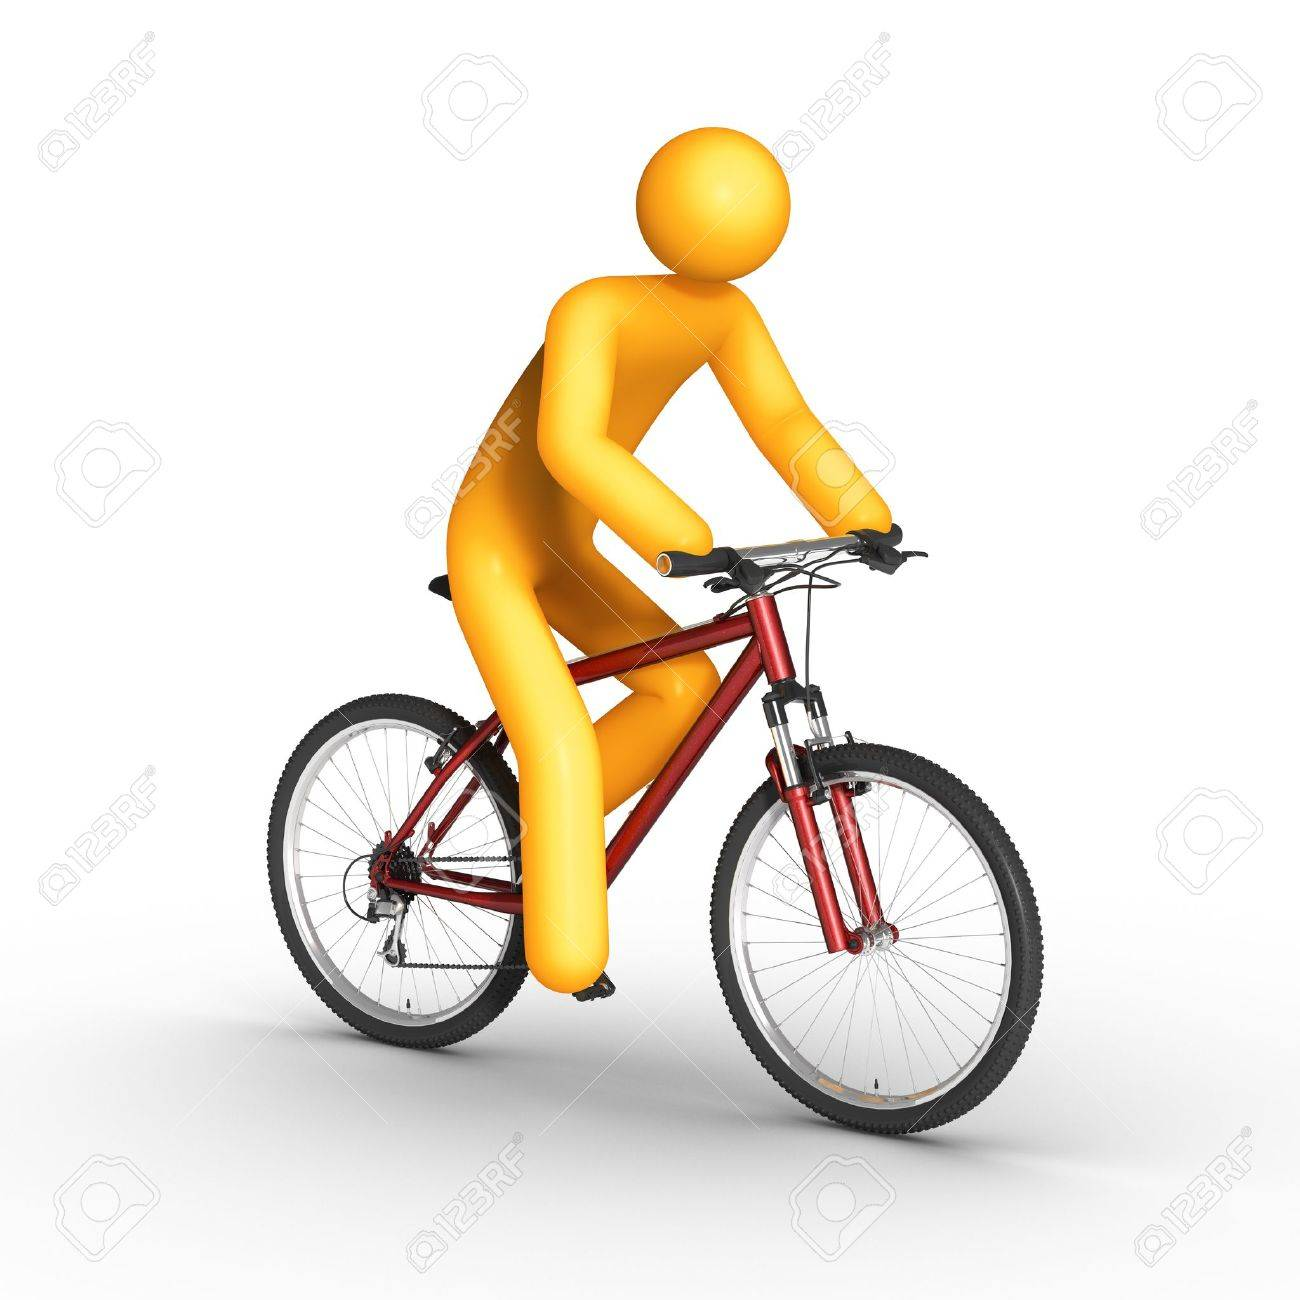 Biker. Stock Photo - 9710606